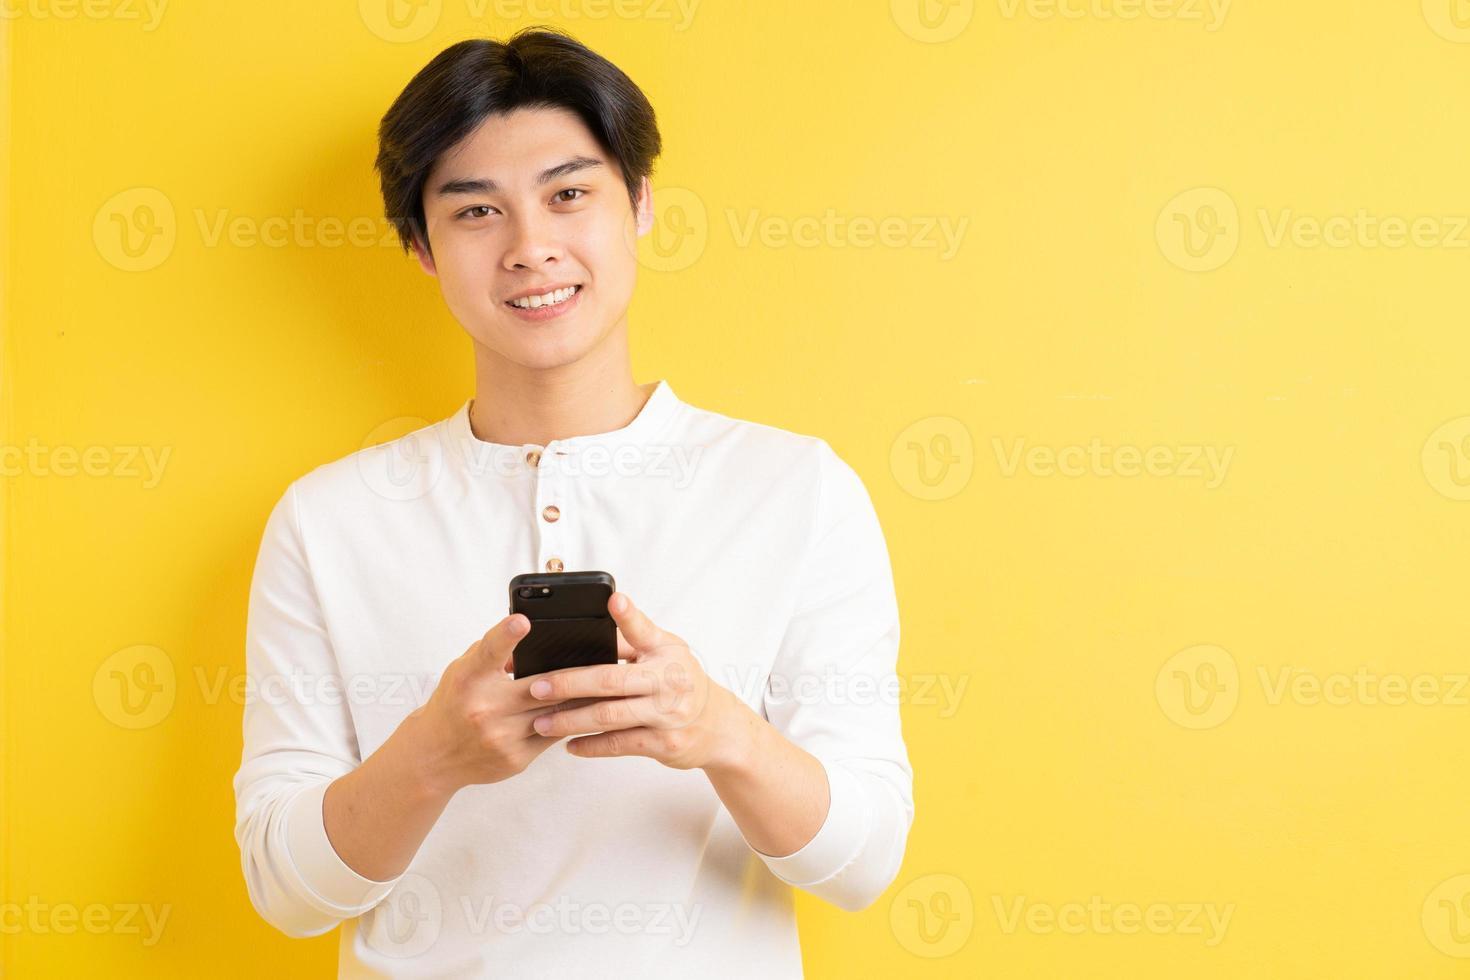 Aziatische man die zijn telefoon gebruikt om te sms'en op een gele achtergrond foto